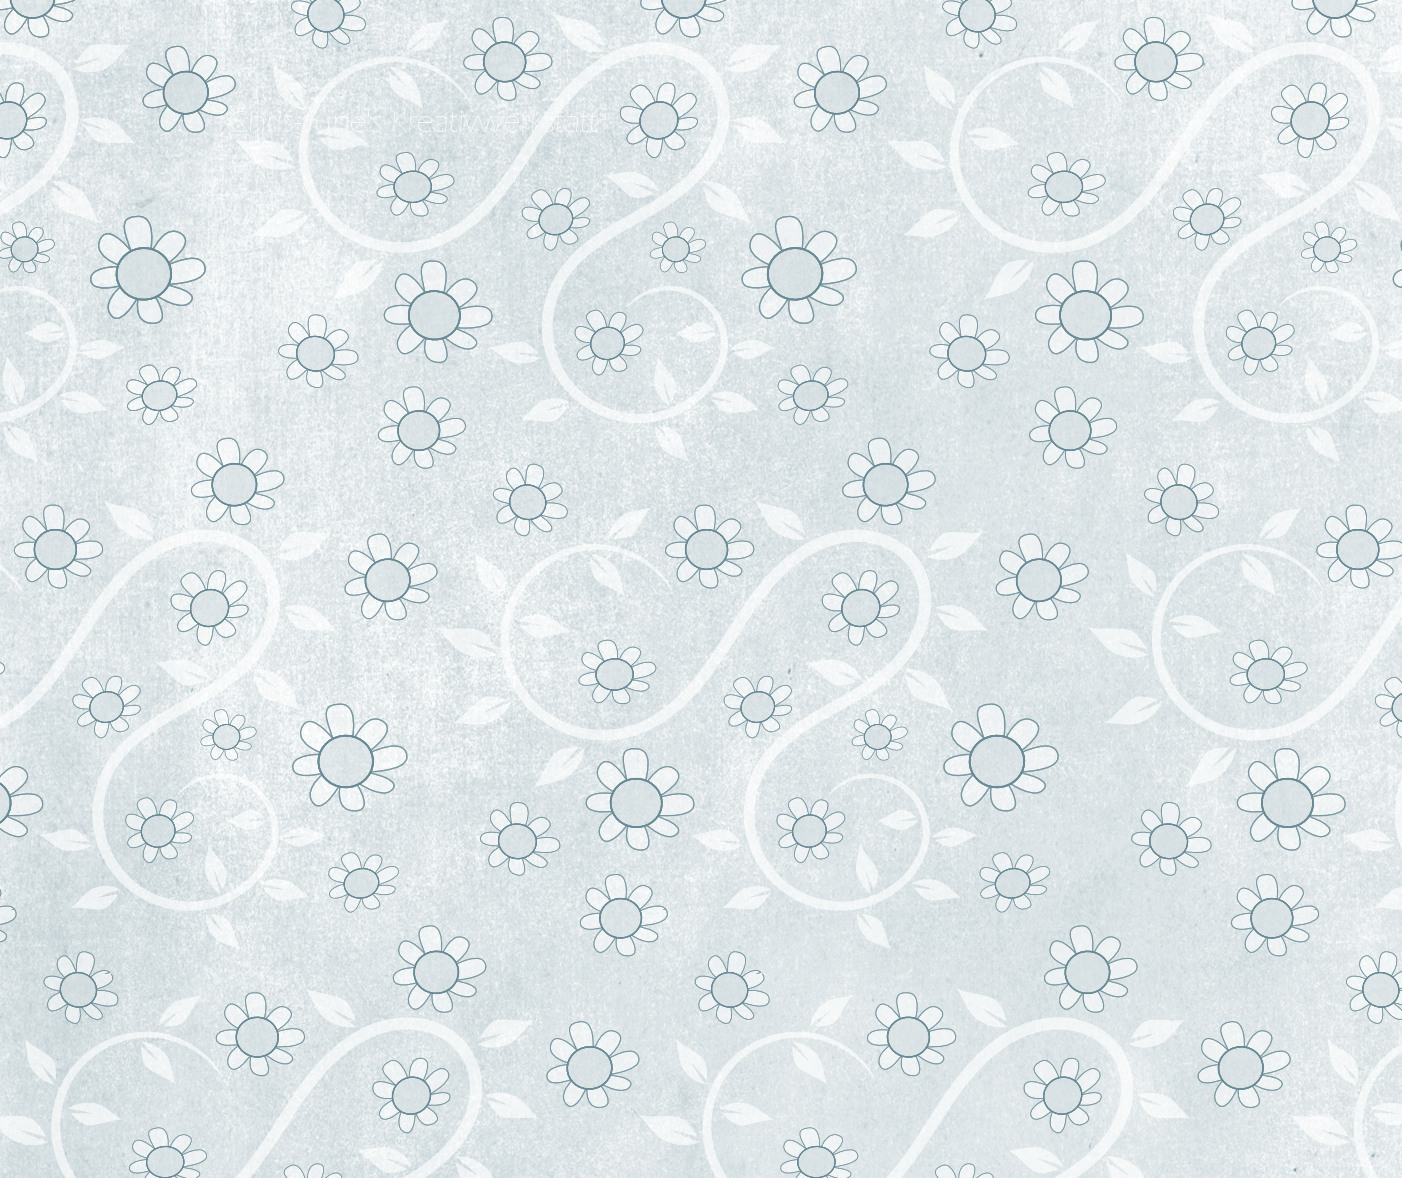 Blumenmuster blau texturiert mit kk_rainyday